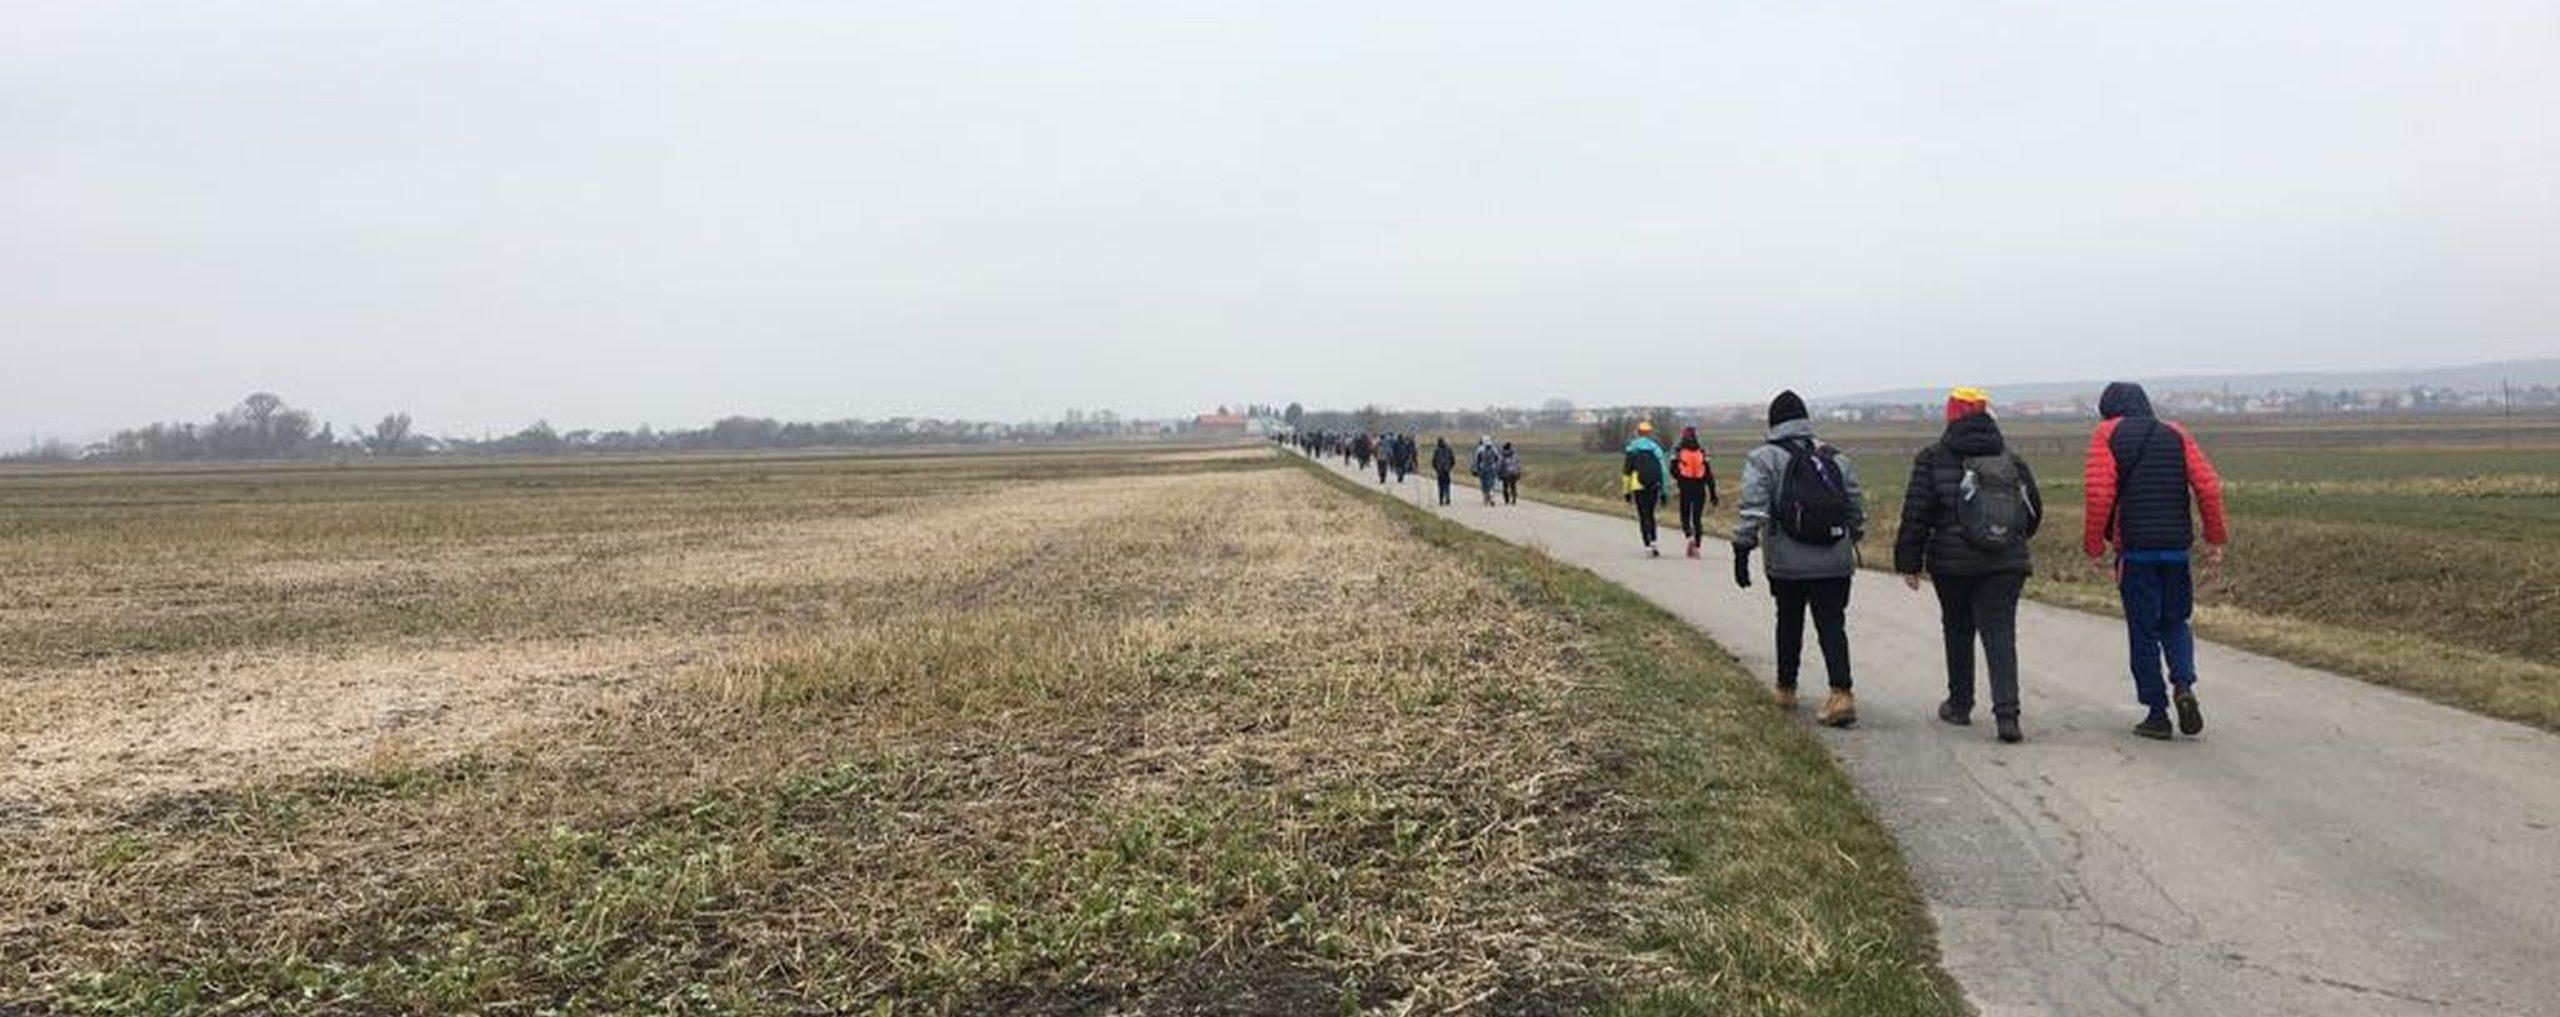 Jugendliche gehen entlang des Neusiedlersees zu Fuß. Im Rahmen der Winterwanderung